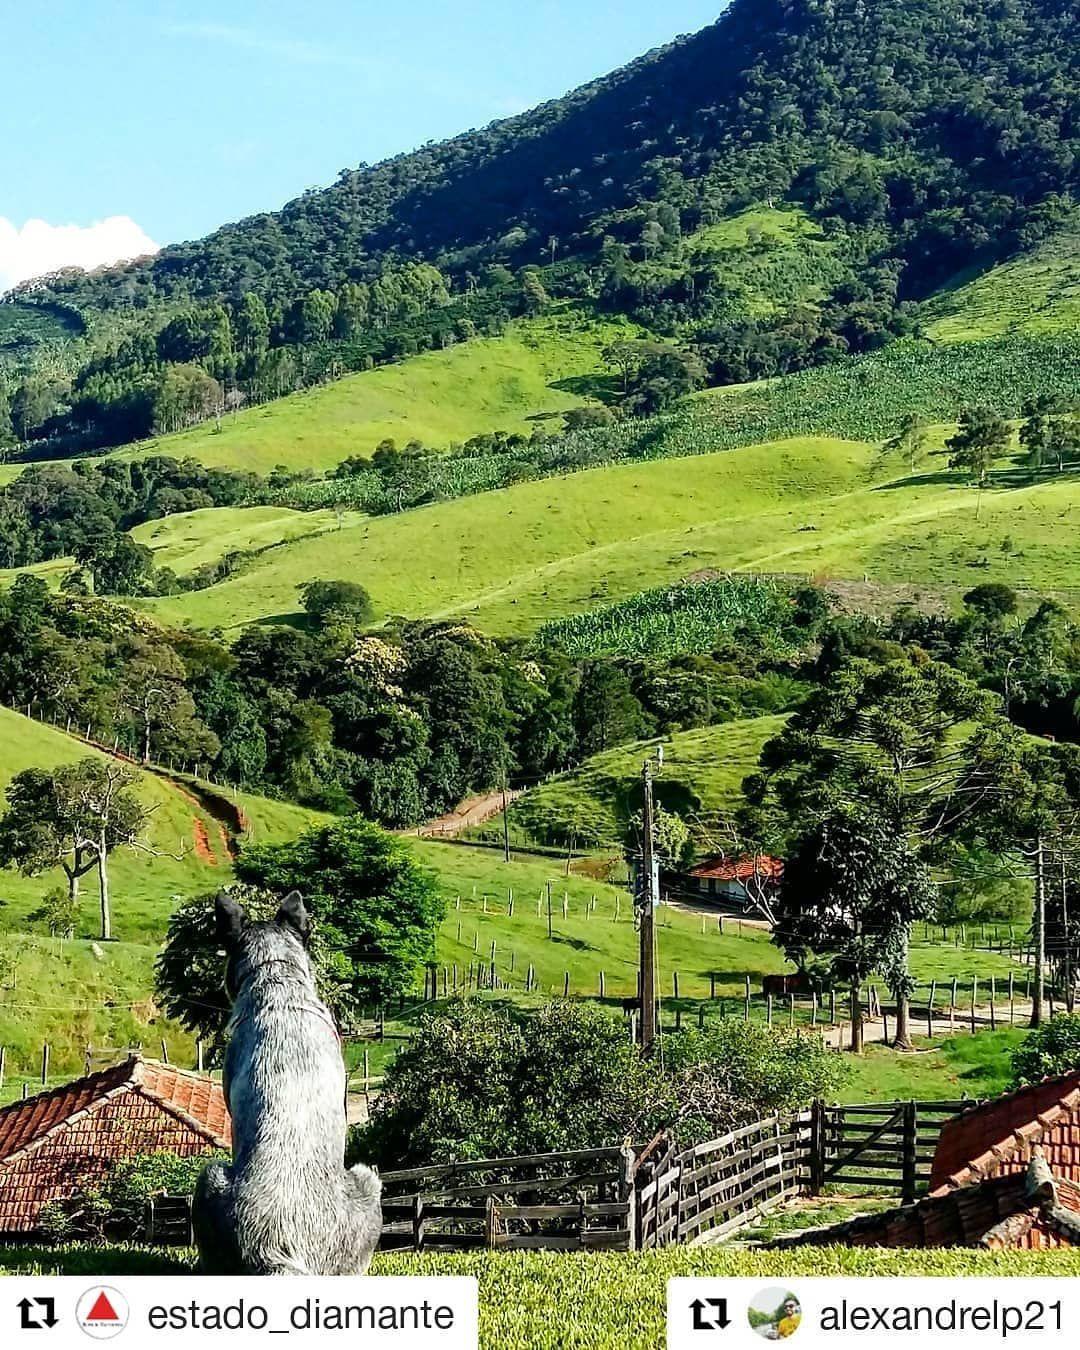 Cristina Minas Gerais fonte: i.pinimg.com